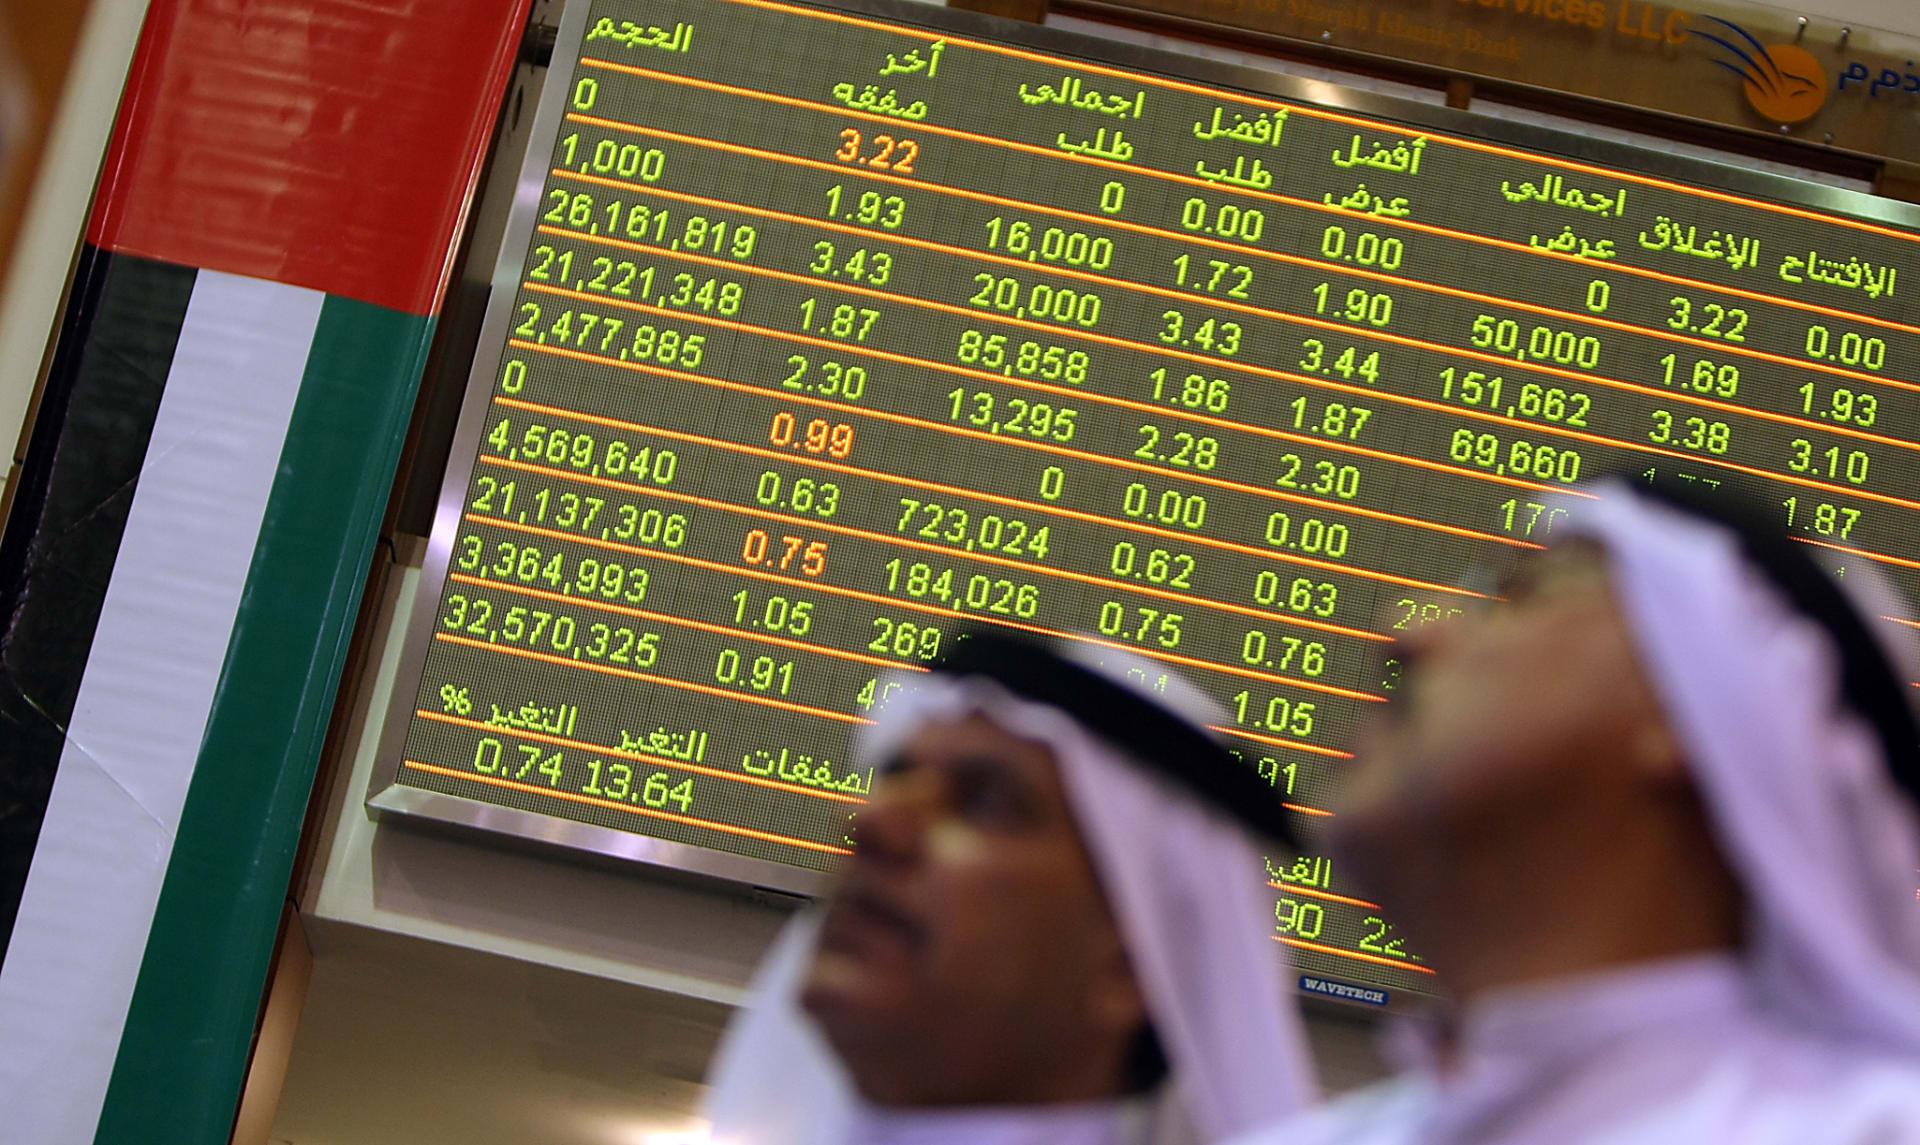 في أول إصدار لها.. موانئ أبوظبي تطرح سندات بقيمة مليار دولار لأجل 10 سنوات